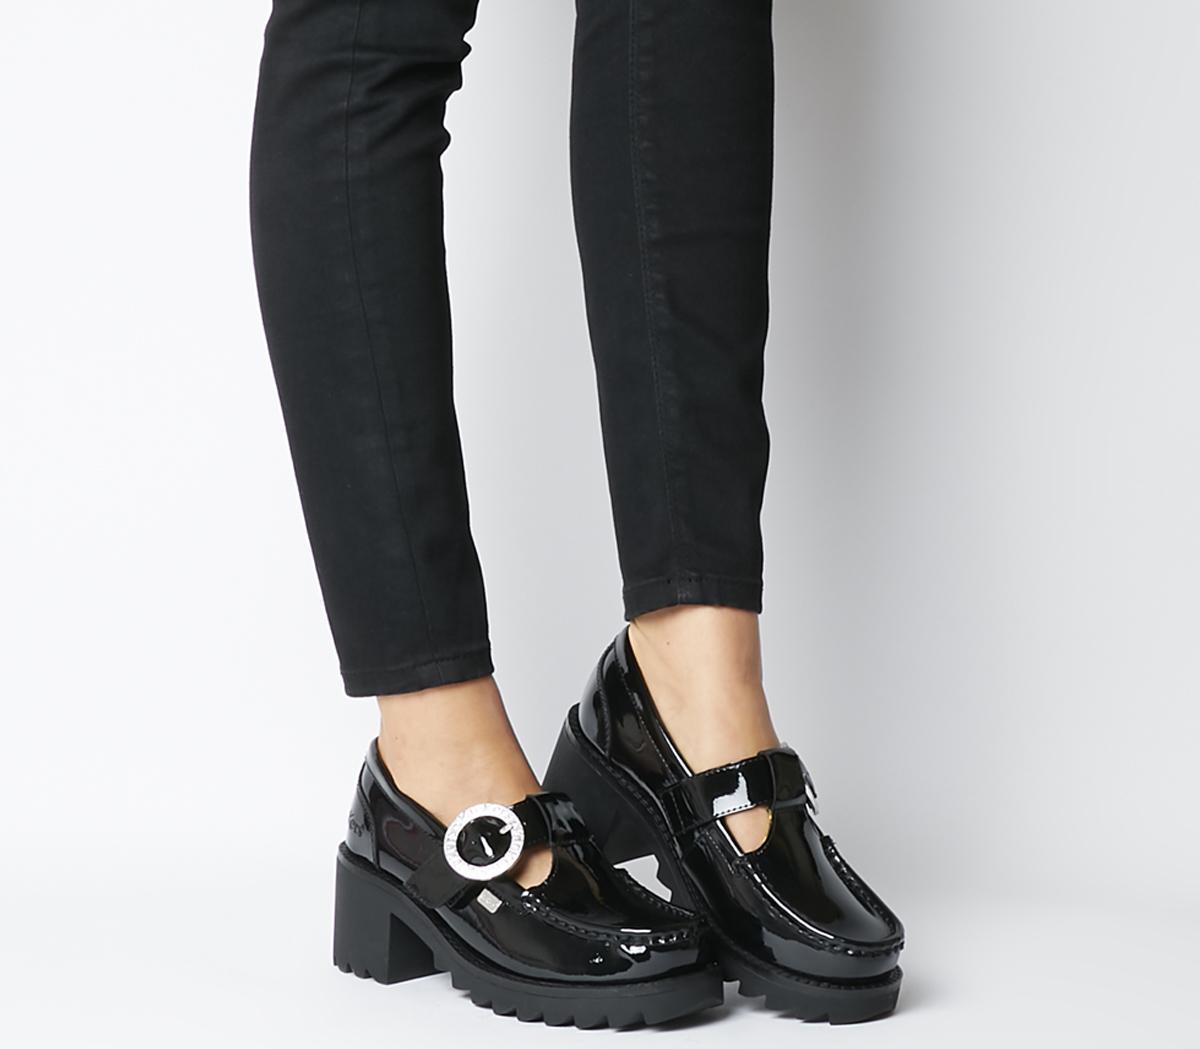 Klio T-bar Shoes